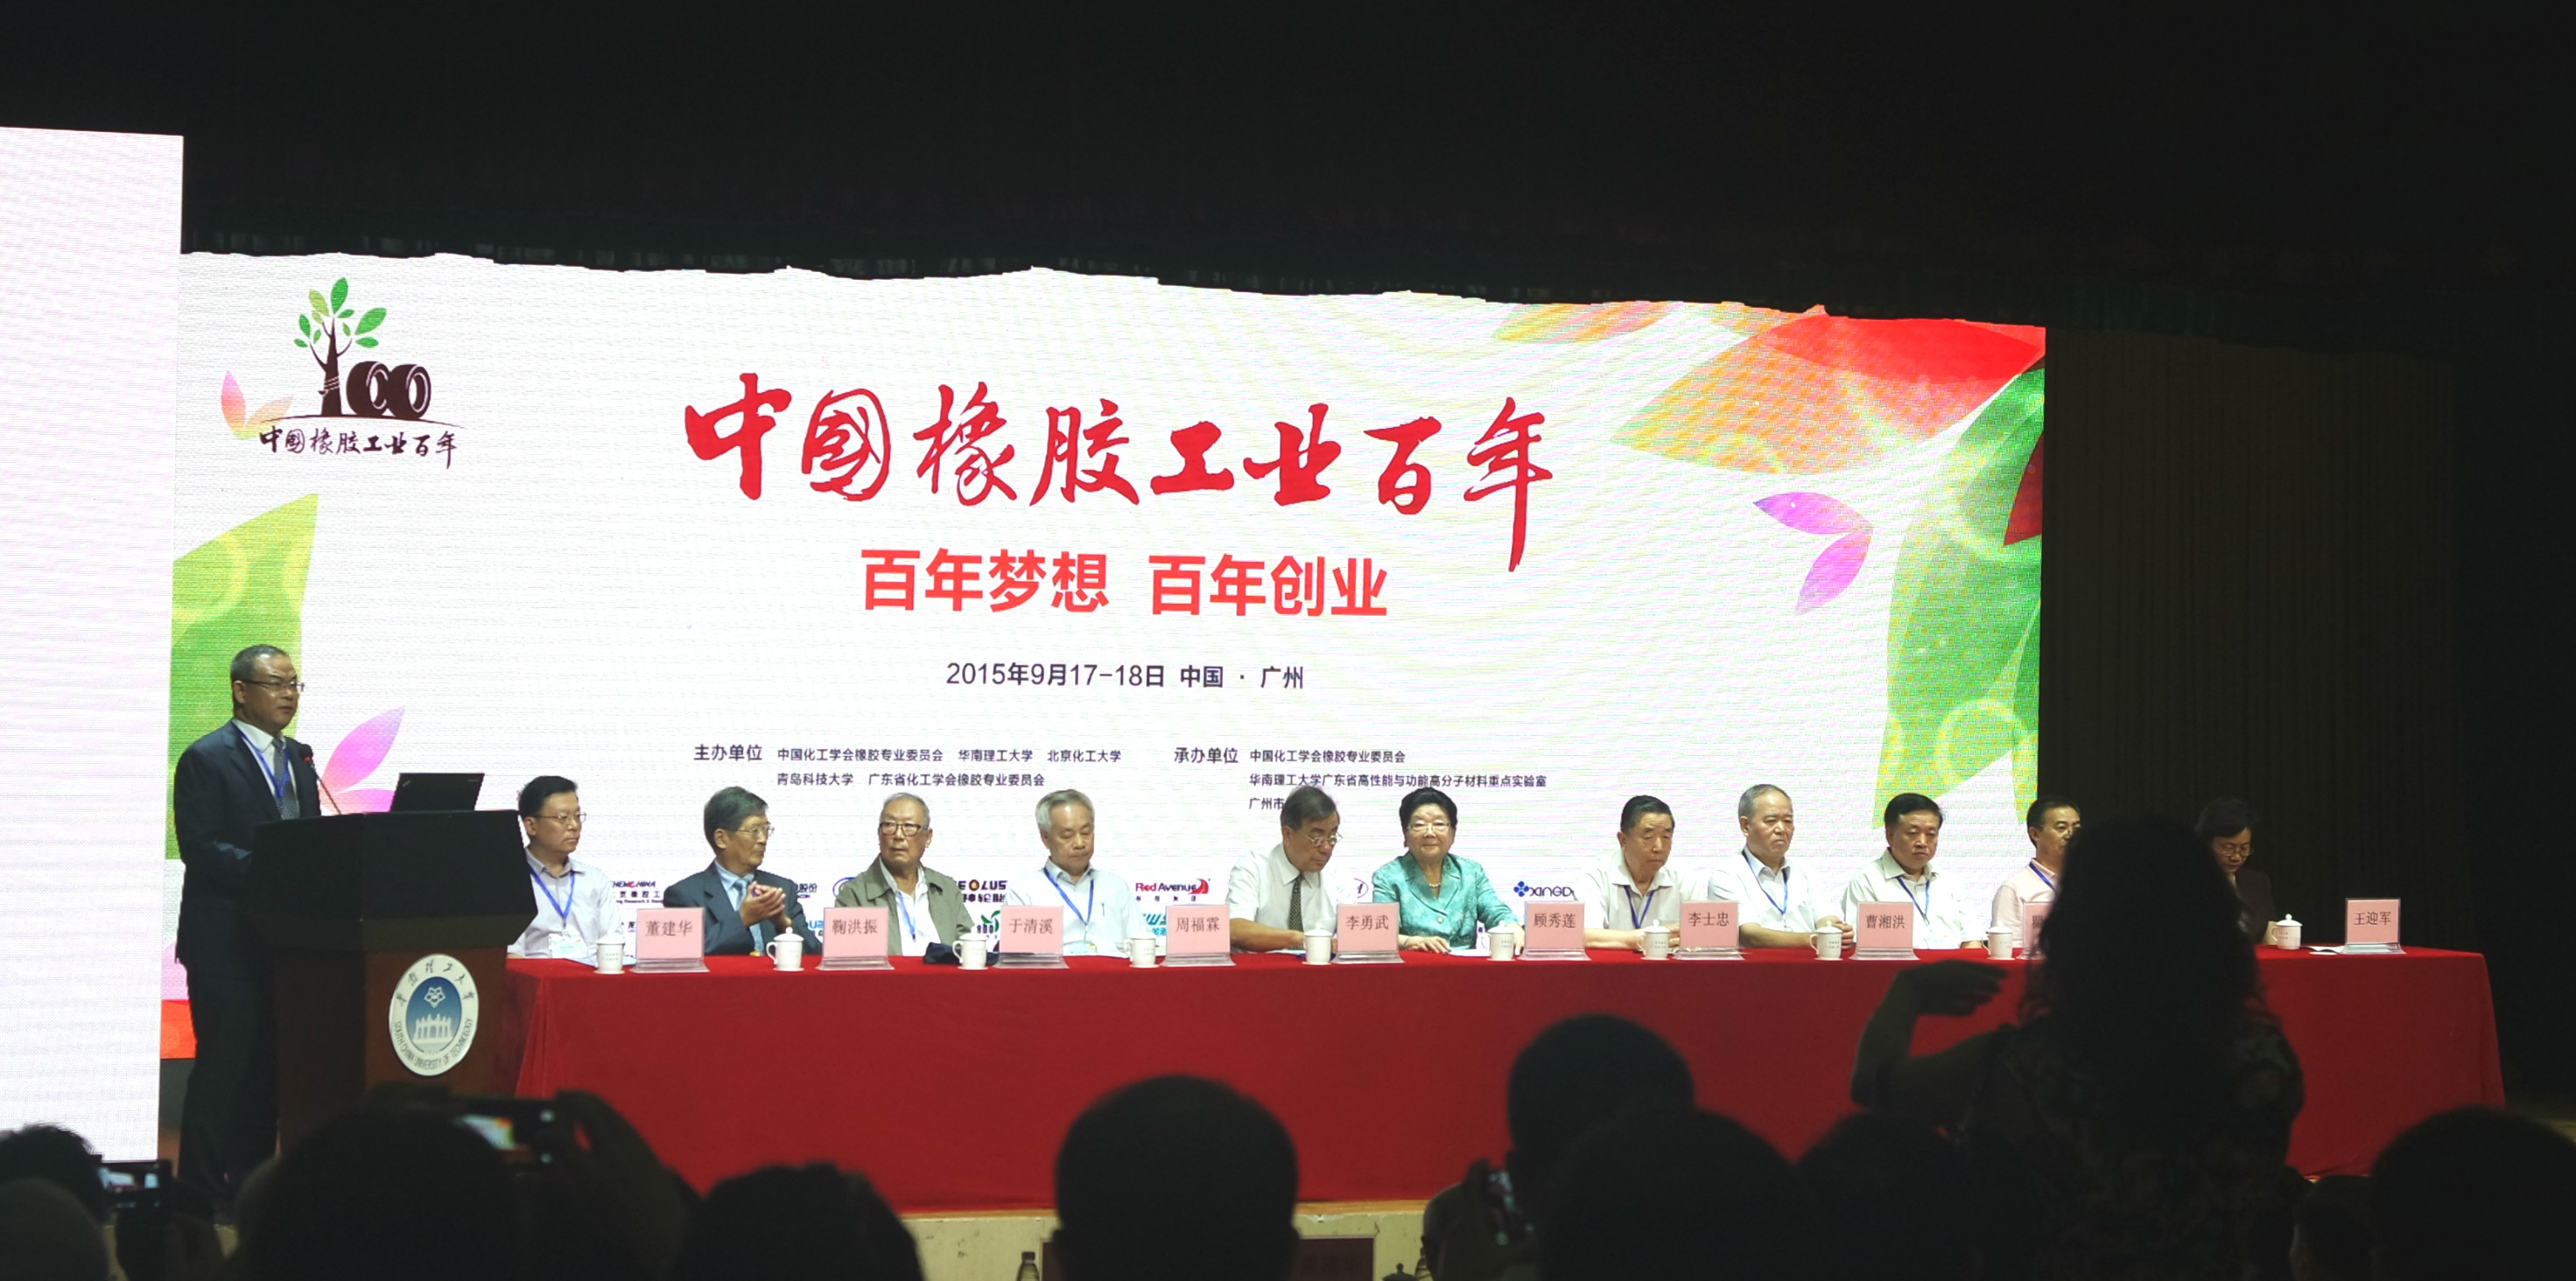 纽迈科技亮相中国橡胶百年论坛暨第十届中国橡胶基础研讨会